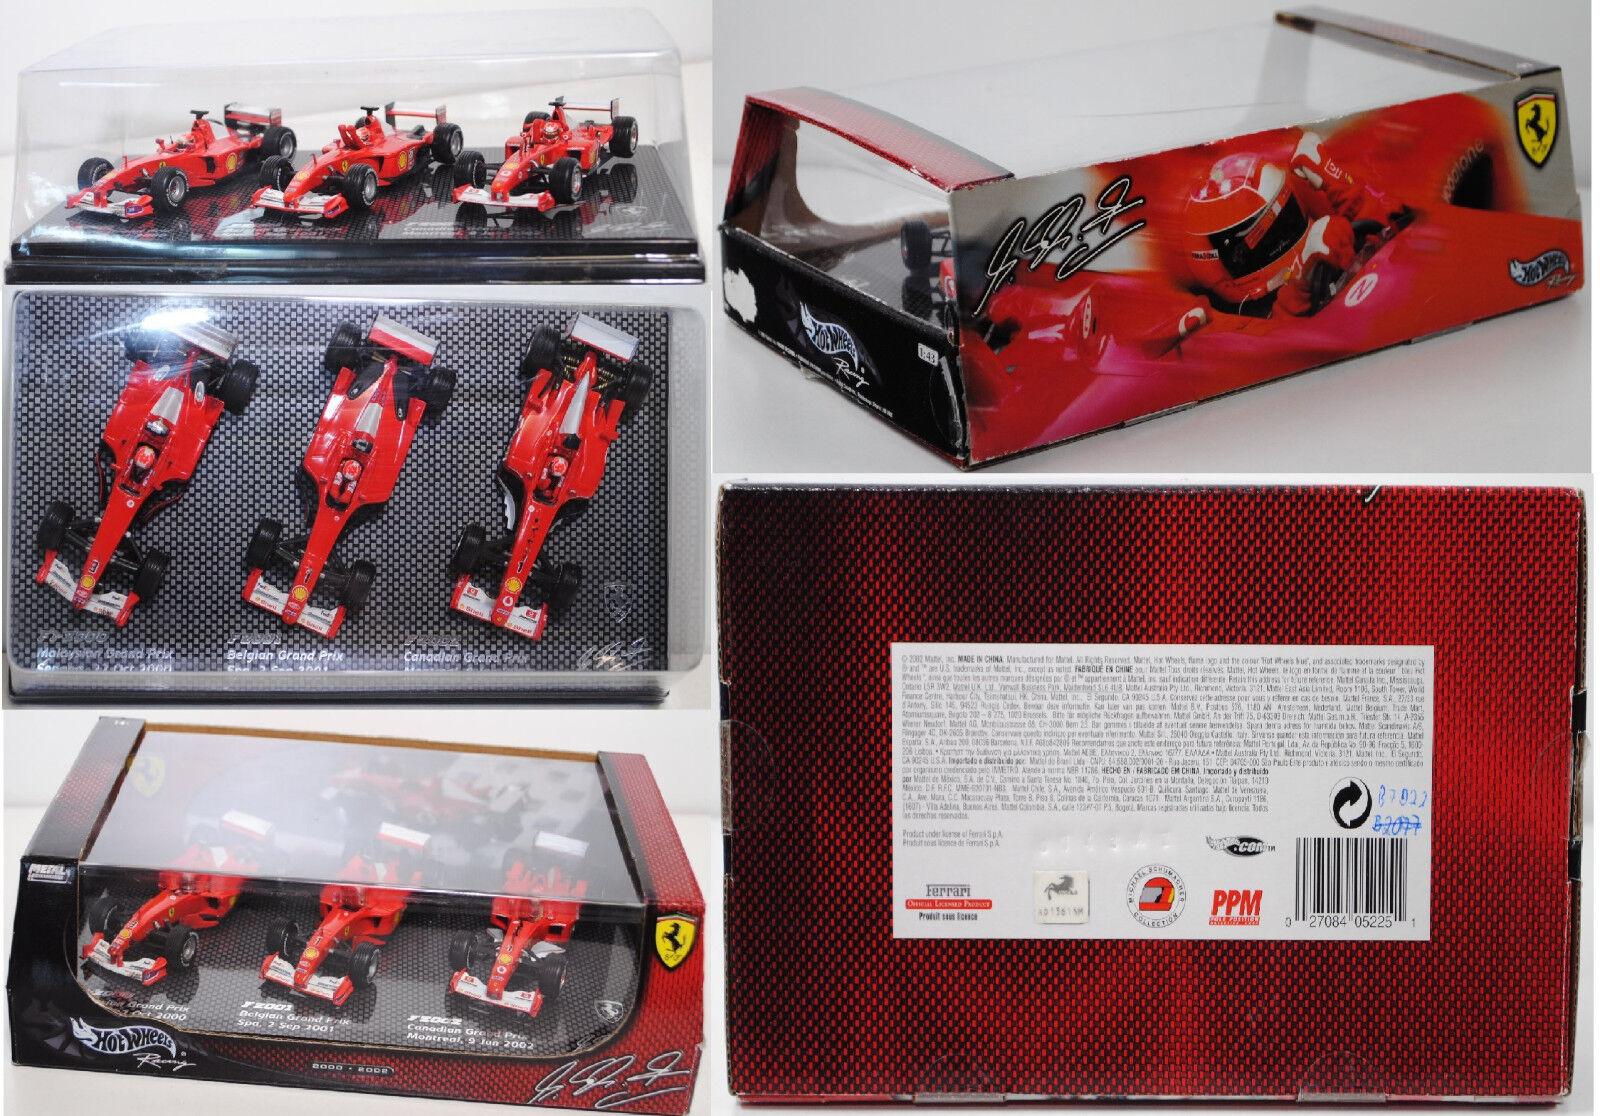 Hot Wheels b7022 ferrari fórmula 1 set, embalaje original